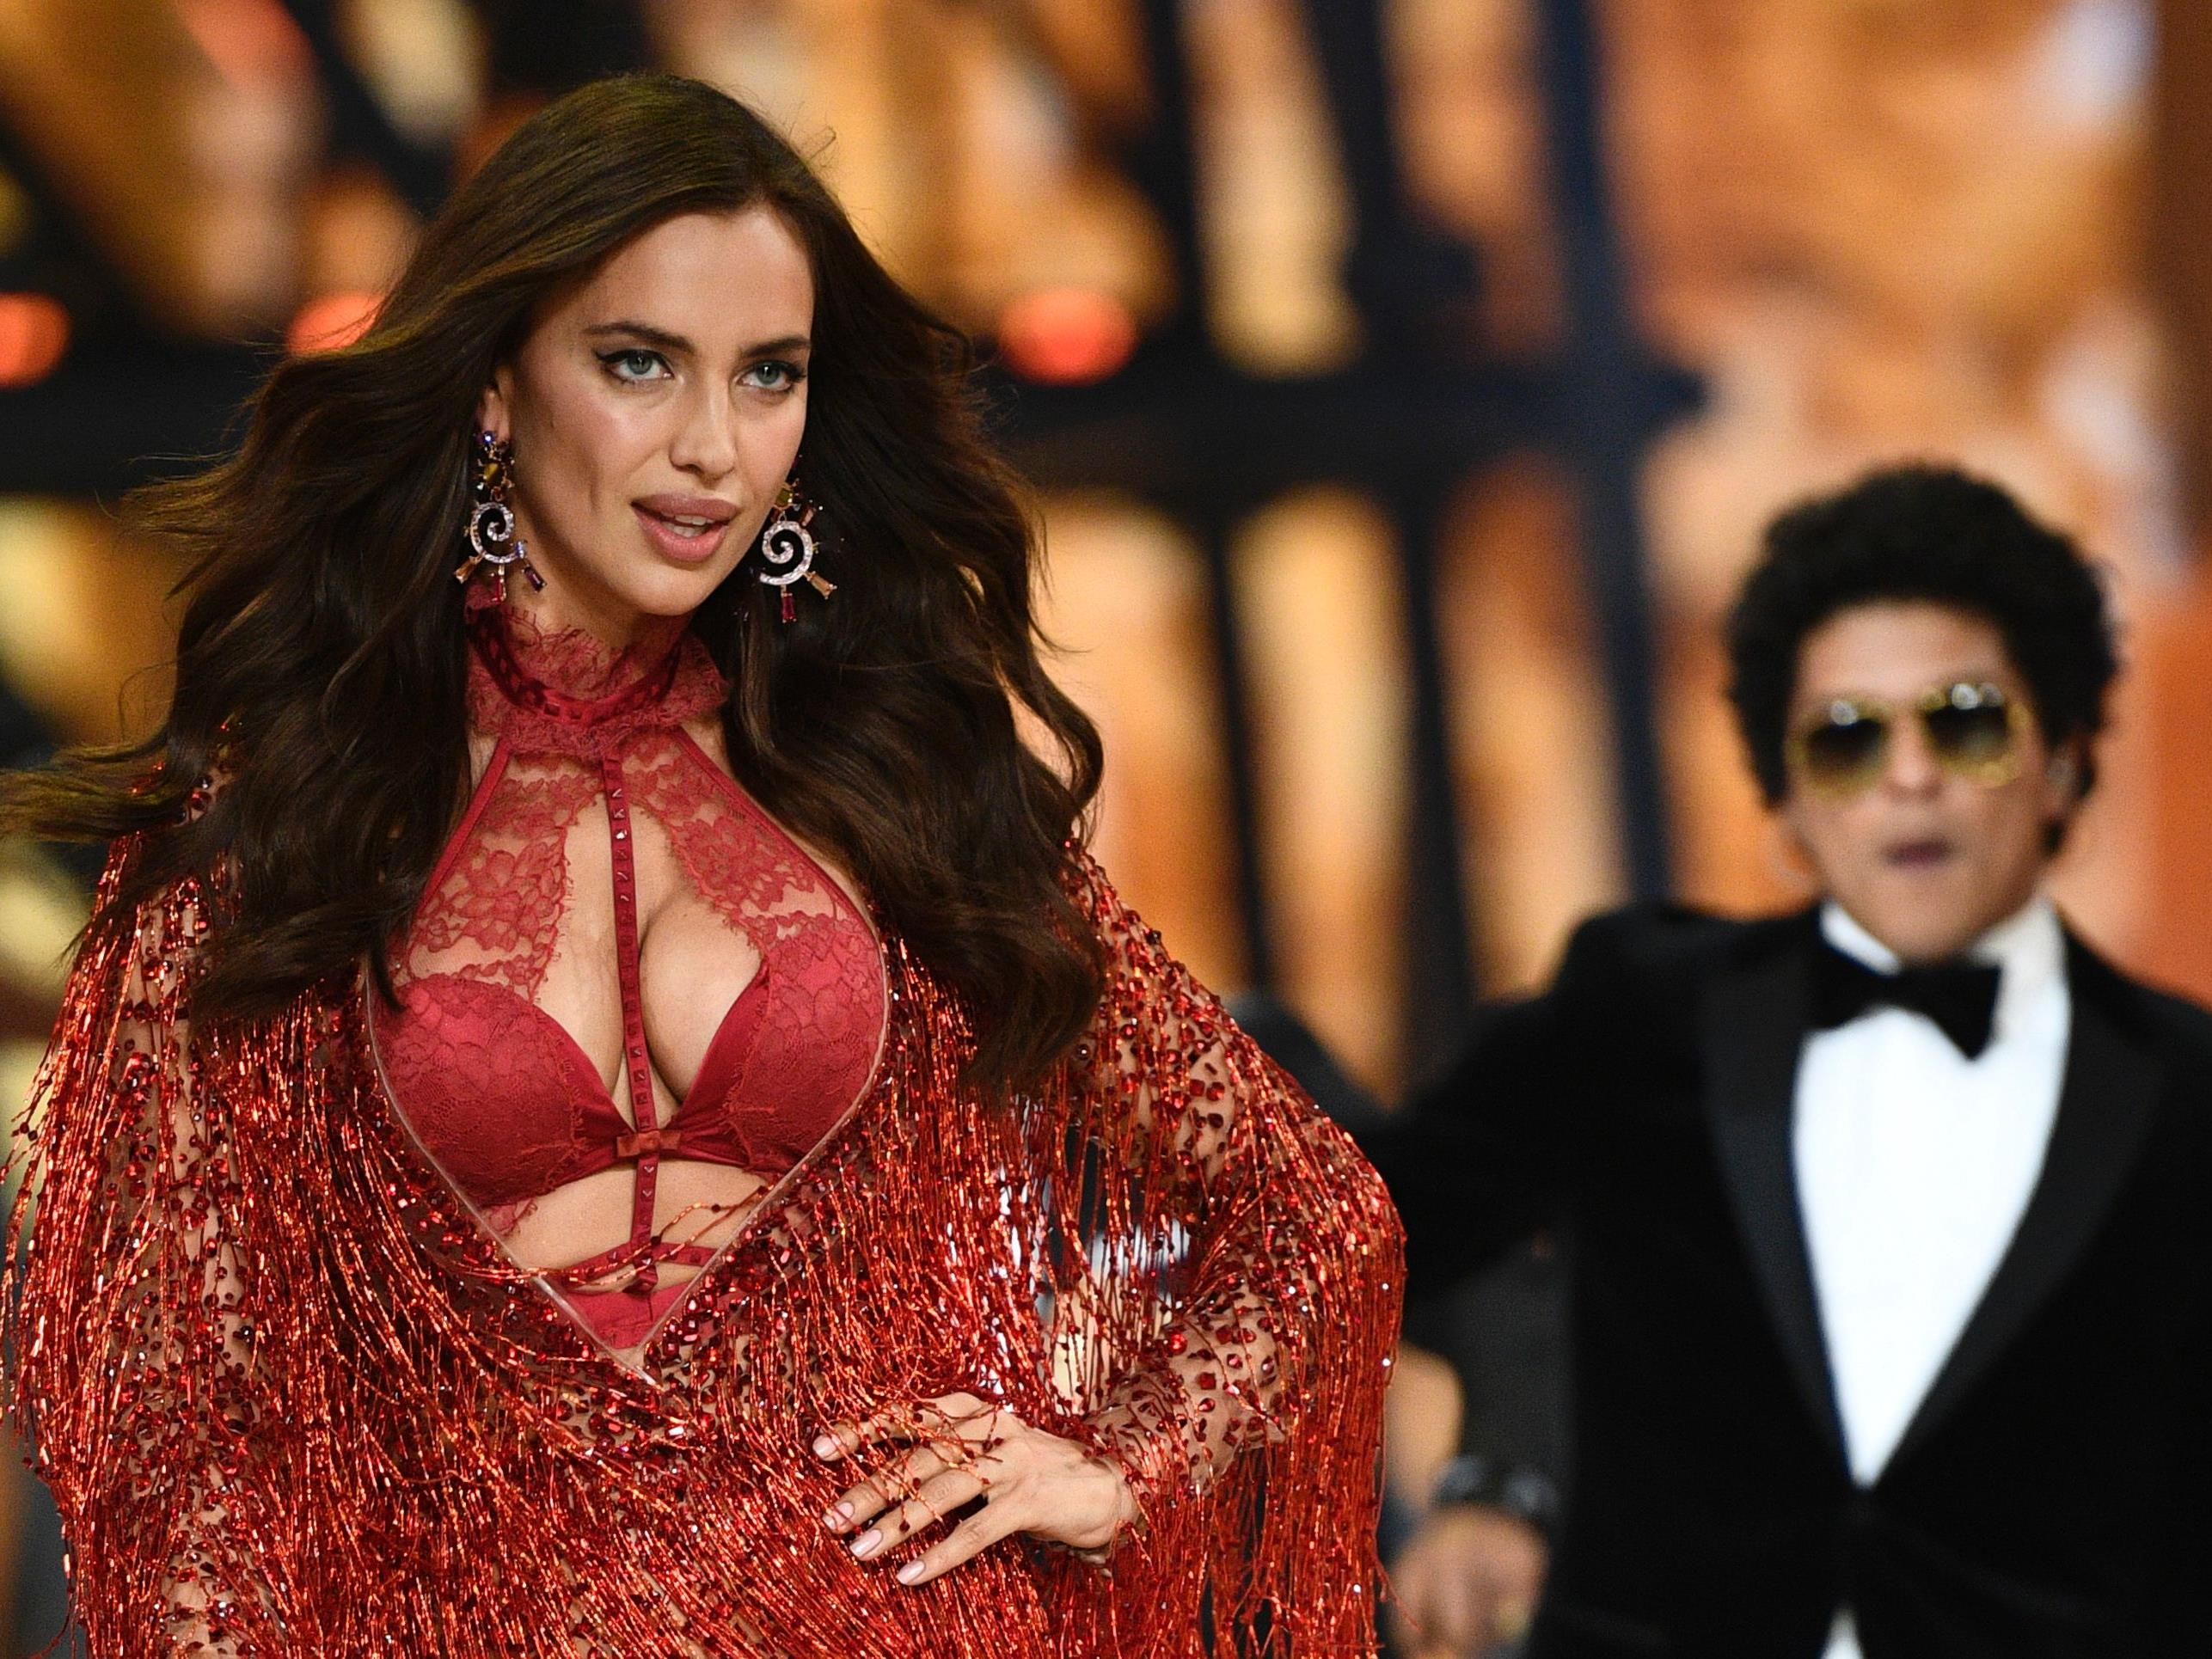 Der Bauch von Irina Shayk wurde für die Show von Victoria's Secret auffällig kaschiert.